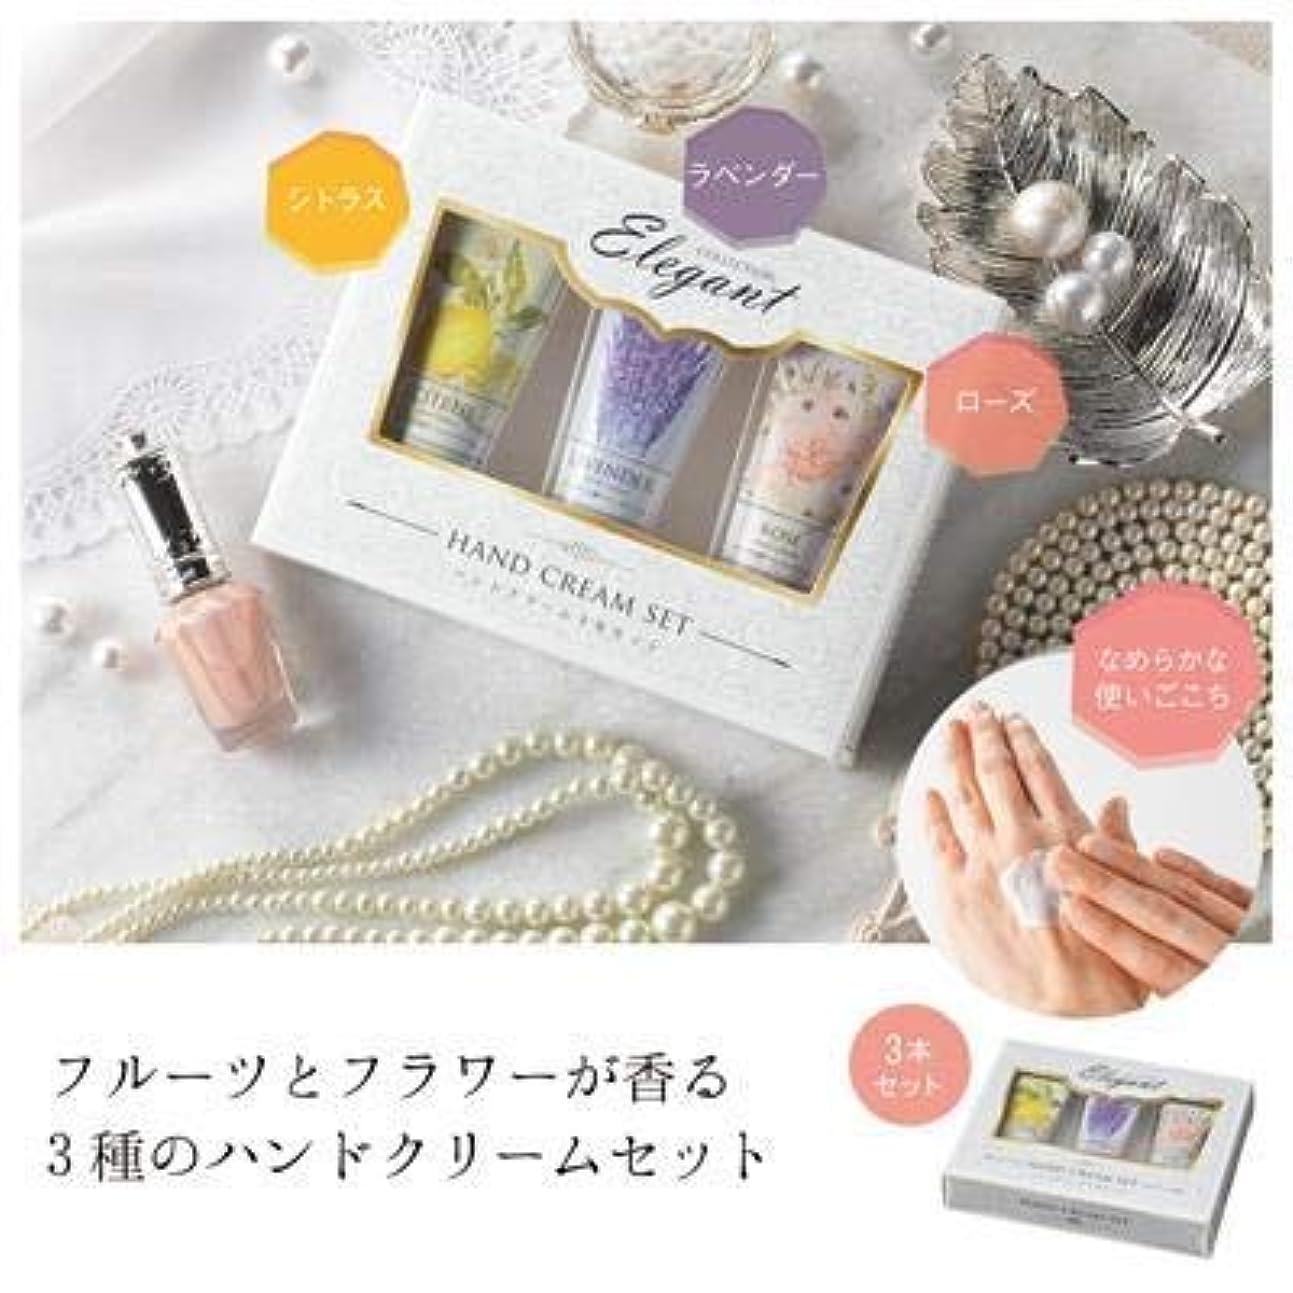 微妙断片重要なハンドクリーム3本セット(化粧箱入)【まとめ売り10個セット】